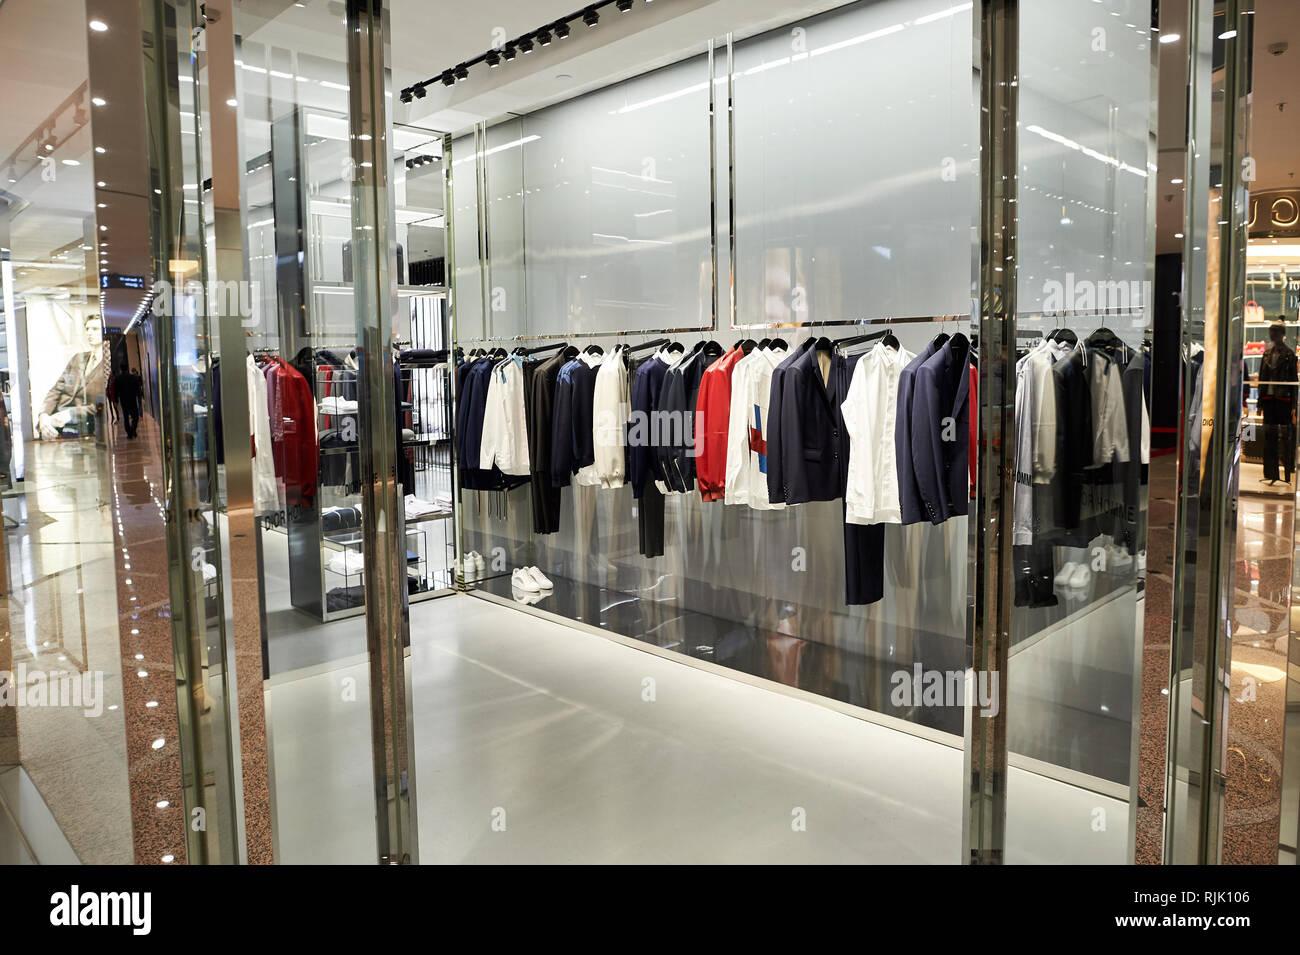 Dior Store Shopping Interior Stock Photos   Dior Store Shopping ... f87e4011abb